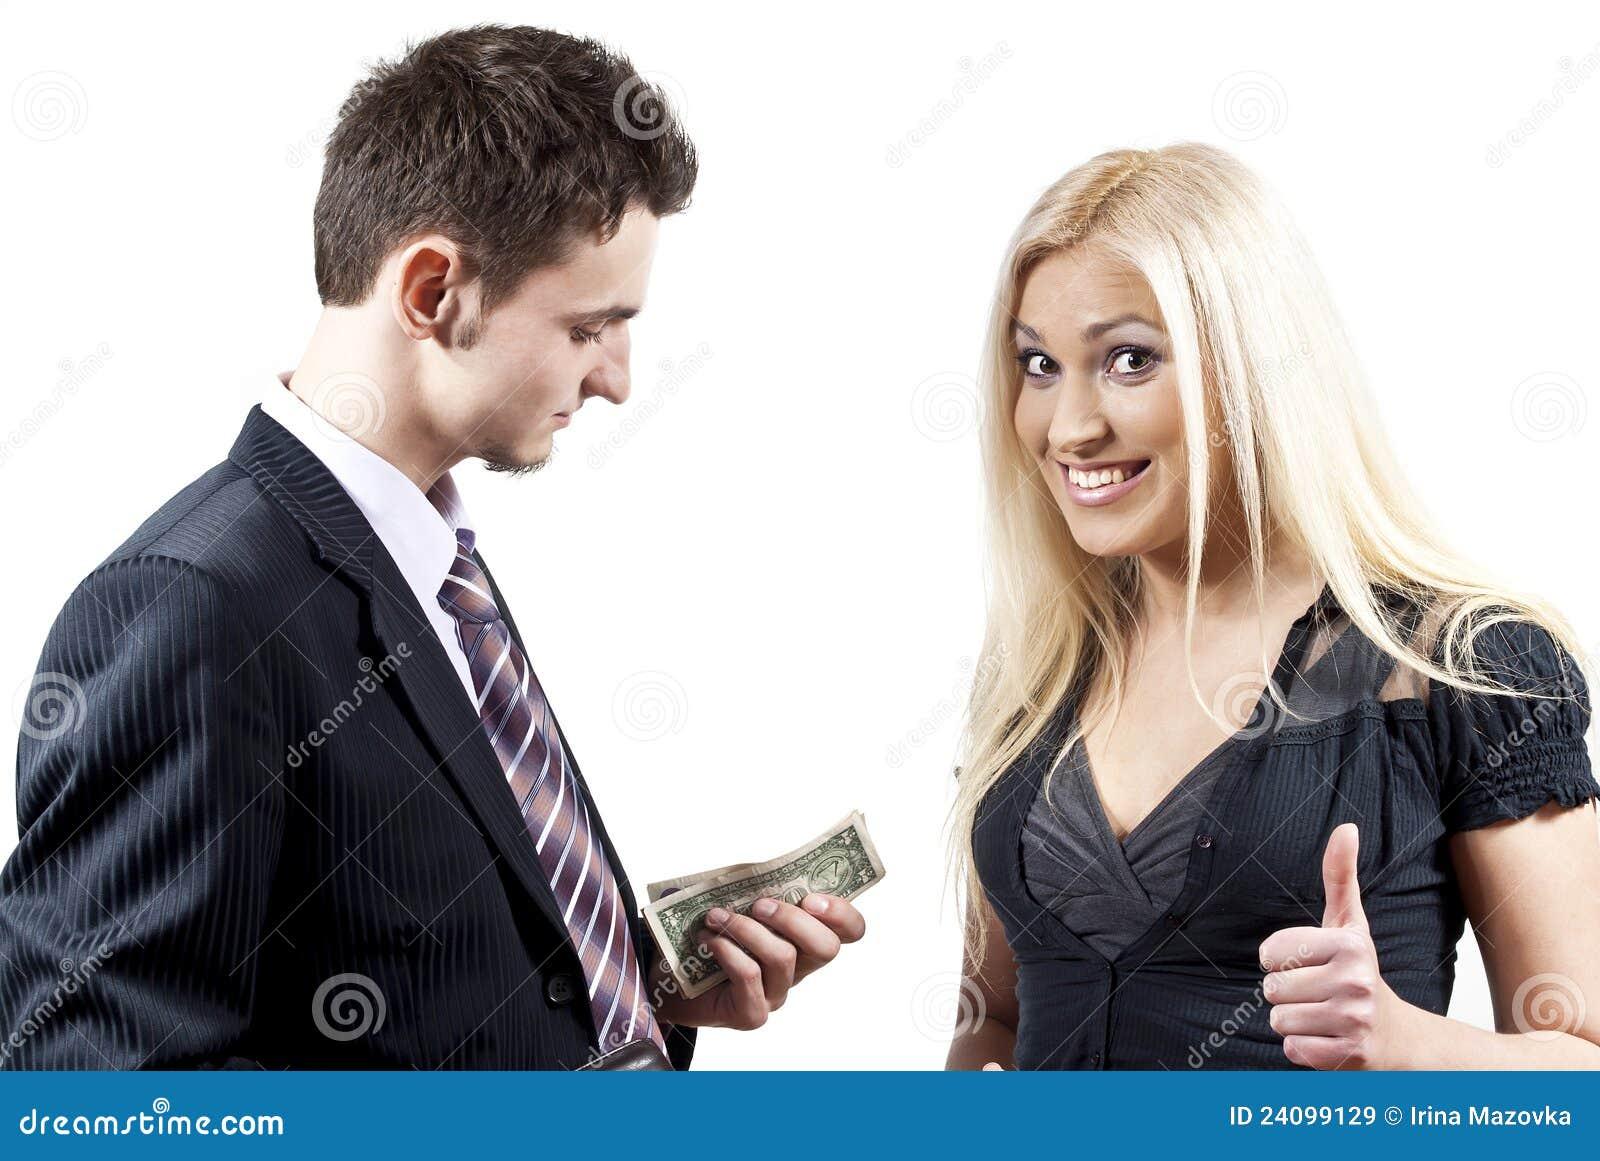 не знакомая девушка просить деньги в долг